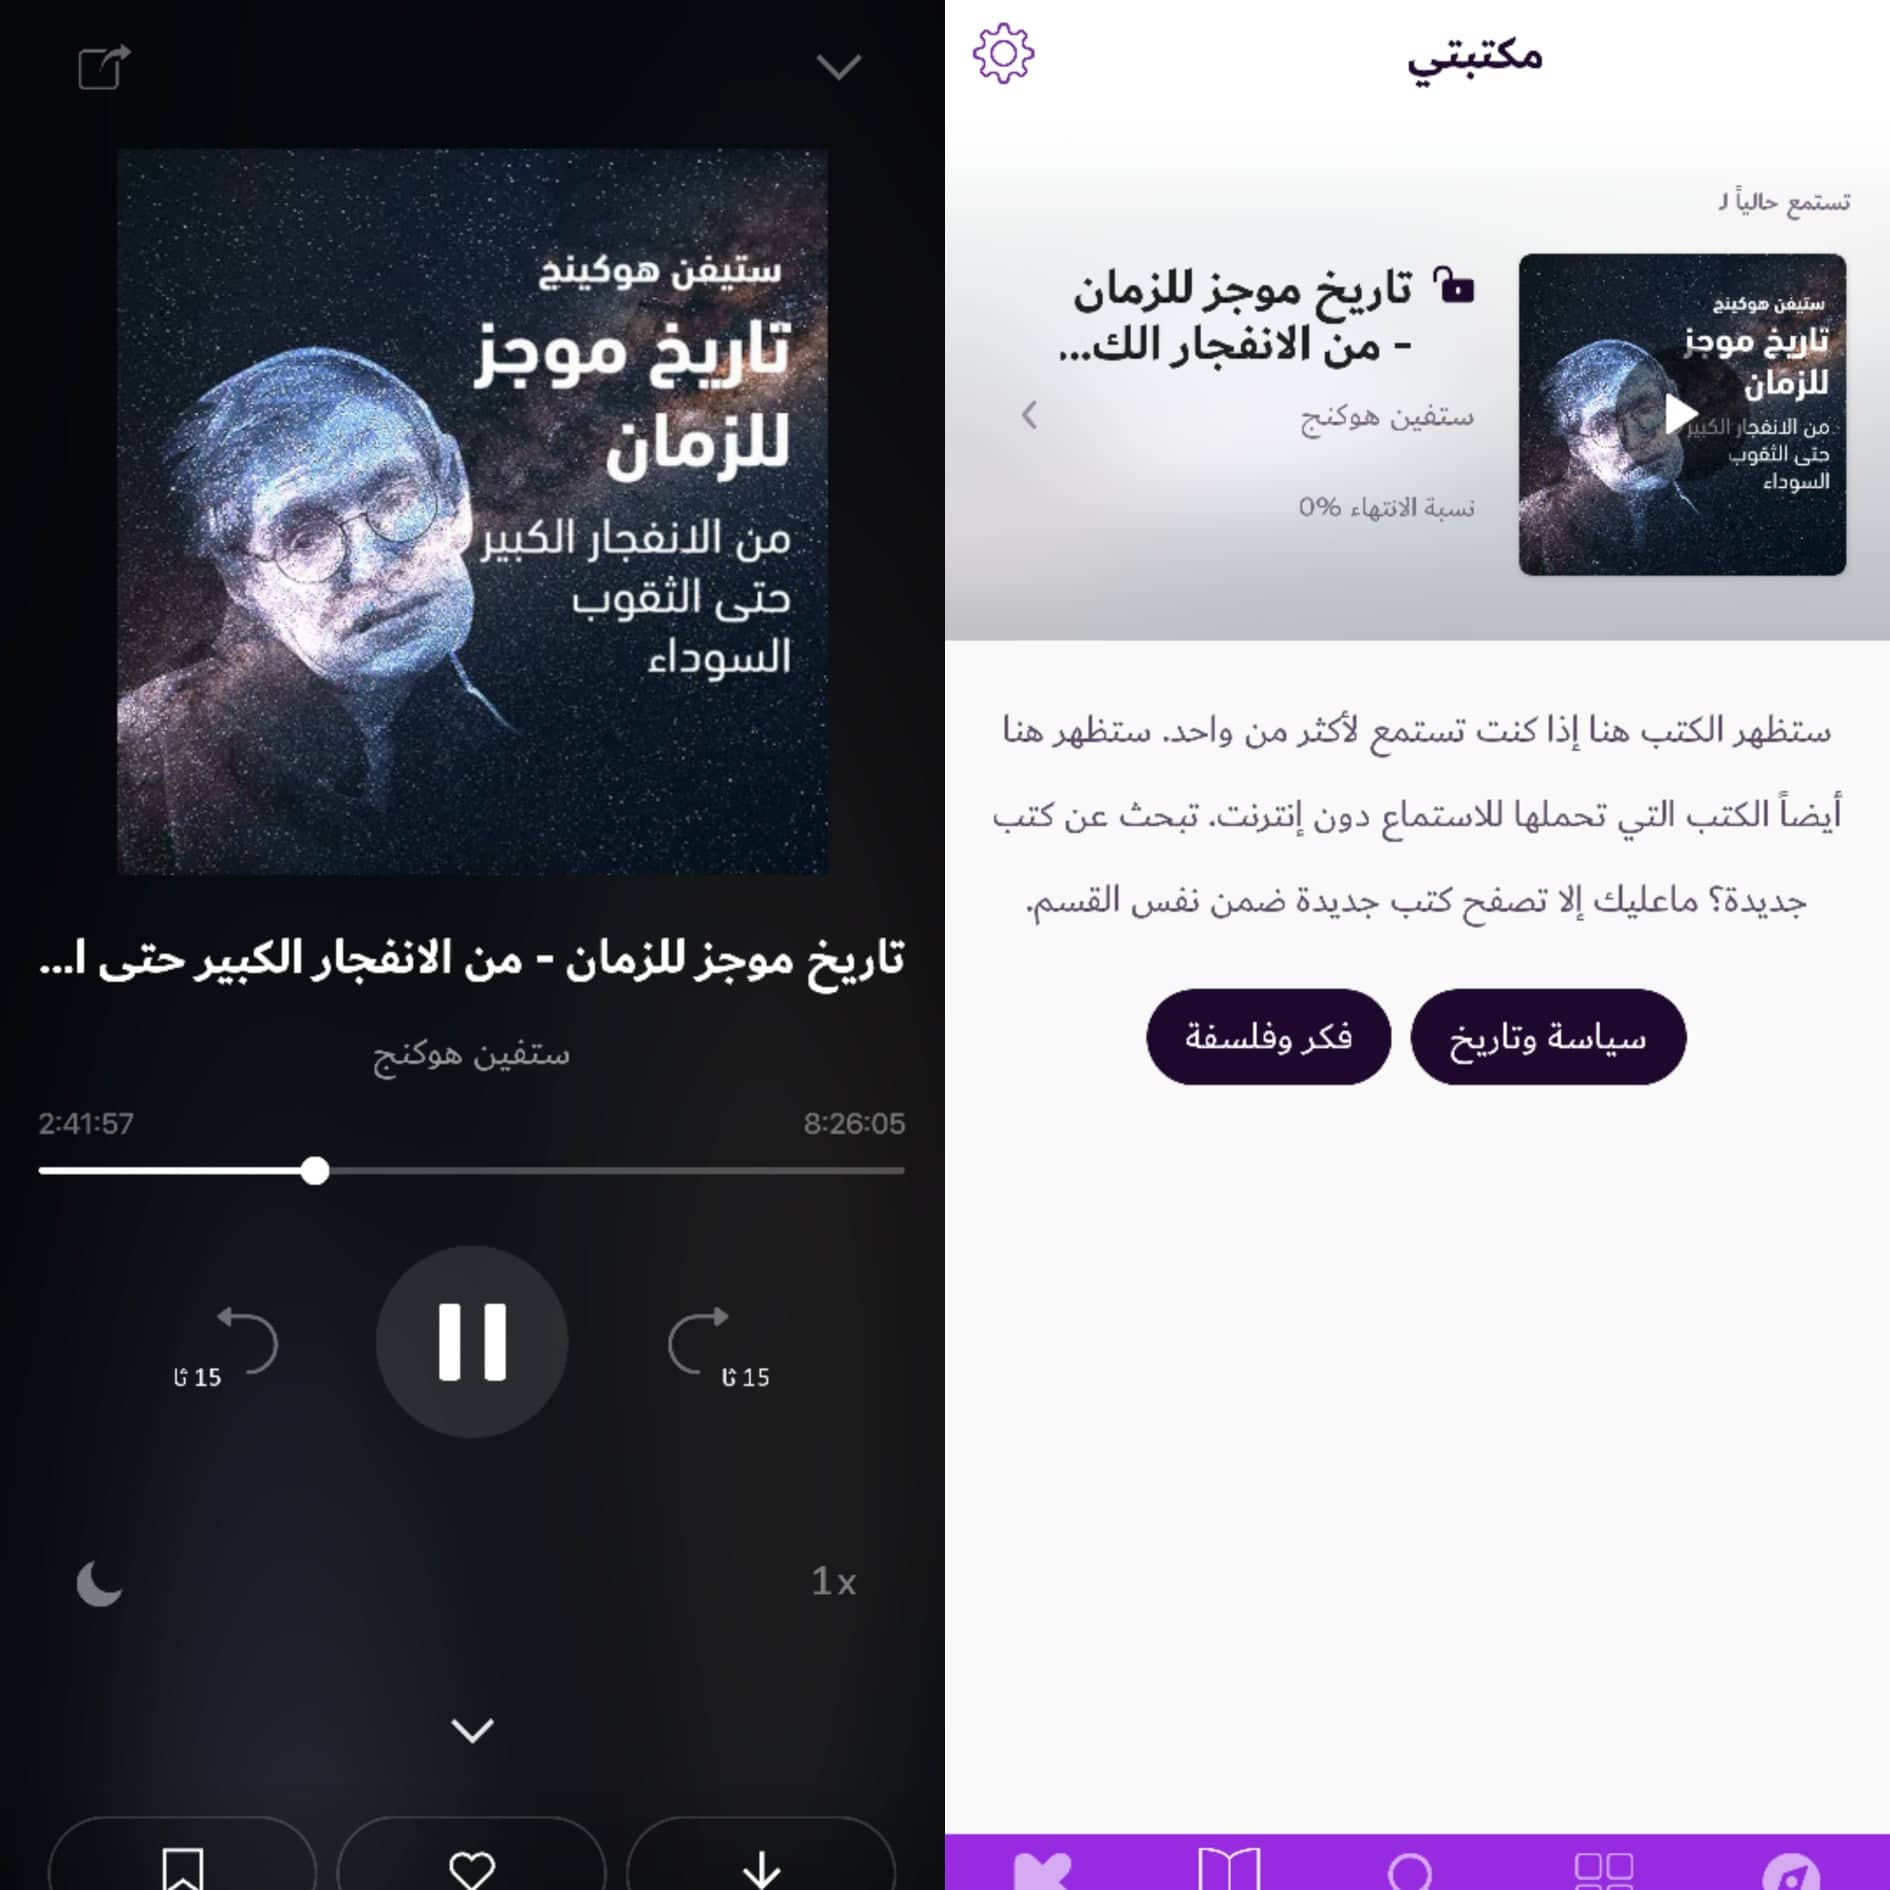 تطبيق كتاب صوتي (مجاني لفترة محدودة) 2000 كتاب صوتي باللغة العربية في  متناول يديك